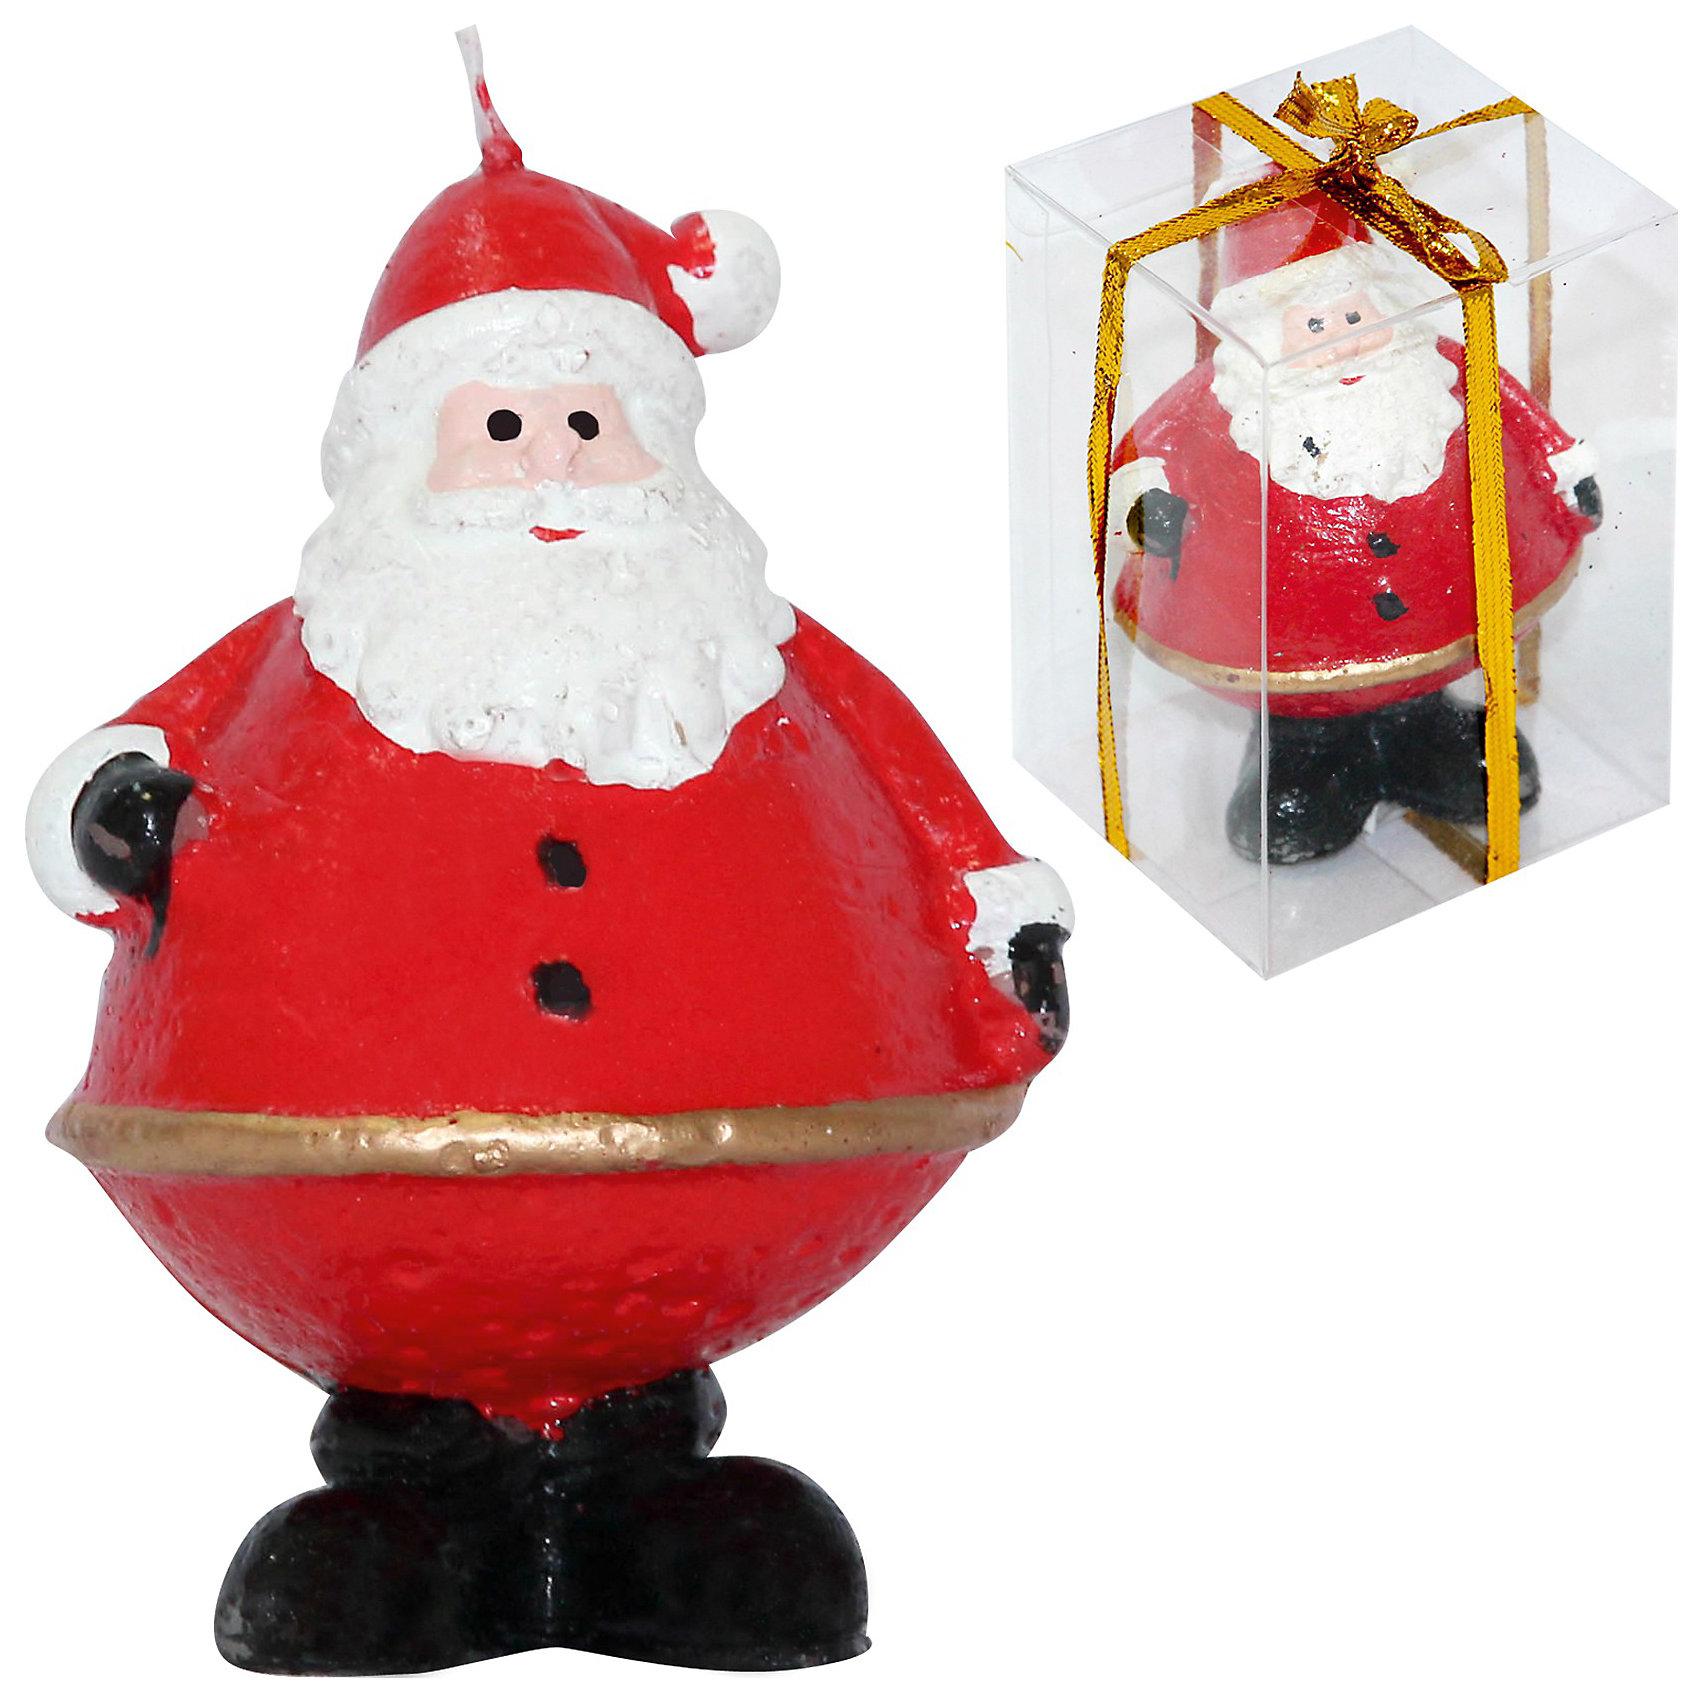 Свеча Дед МорозЁлочные игрушки<br>Свеча Дед Мороз, Волшебная страна станет замечательным украшением Вашего новогоднего интерьера и приятным сувениром для родных и друзей. Свечка выполнена в виде<br>фигурки веселого Деда Мороза в традиционном красном кафтане.<br><br>Дополнительная информация:<br><br>- Материал: парафин.<br>- Размер: 6,2 х 7 х 10,3 см.<br>- Вес: 151 гр. <br><br>Свечу Дед Мороз, Волшебная страна можно купить в нашем интернет-магазине.<br><br>Ширина мм: 420<br>Глубина мм: 70<br>Высота мм: 100<br>Вес г: 151<br>Возраст от месяцев: 60<br>Возраст до месяцев: 180<br>Пол: Унисекс<br>Возраст: Детский<br>SKU: 3791424